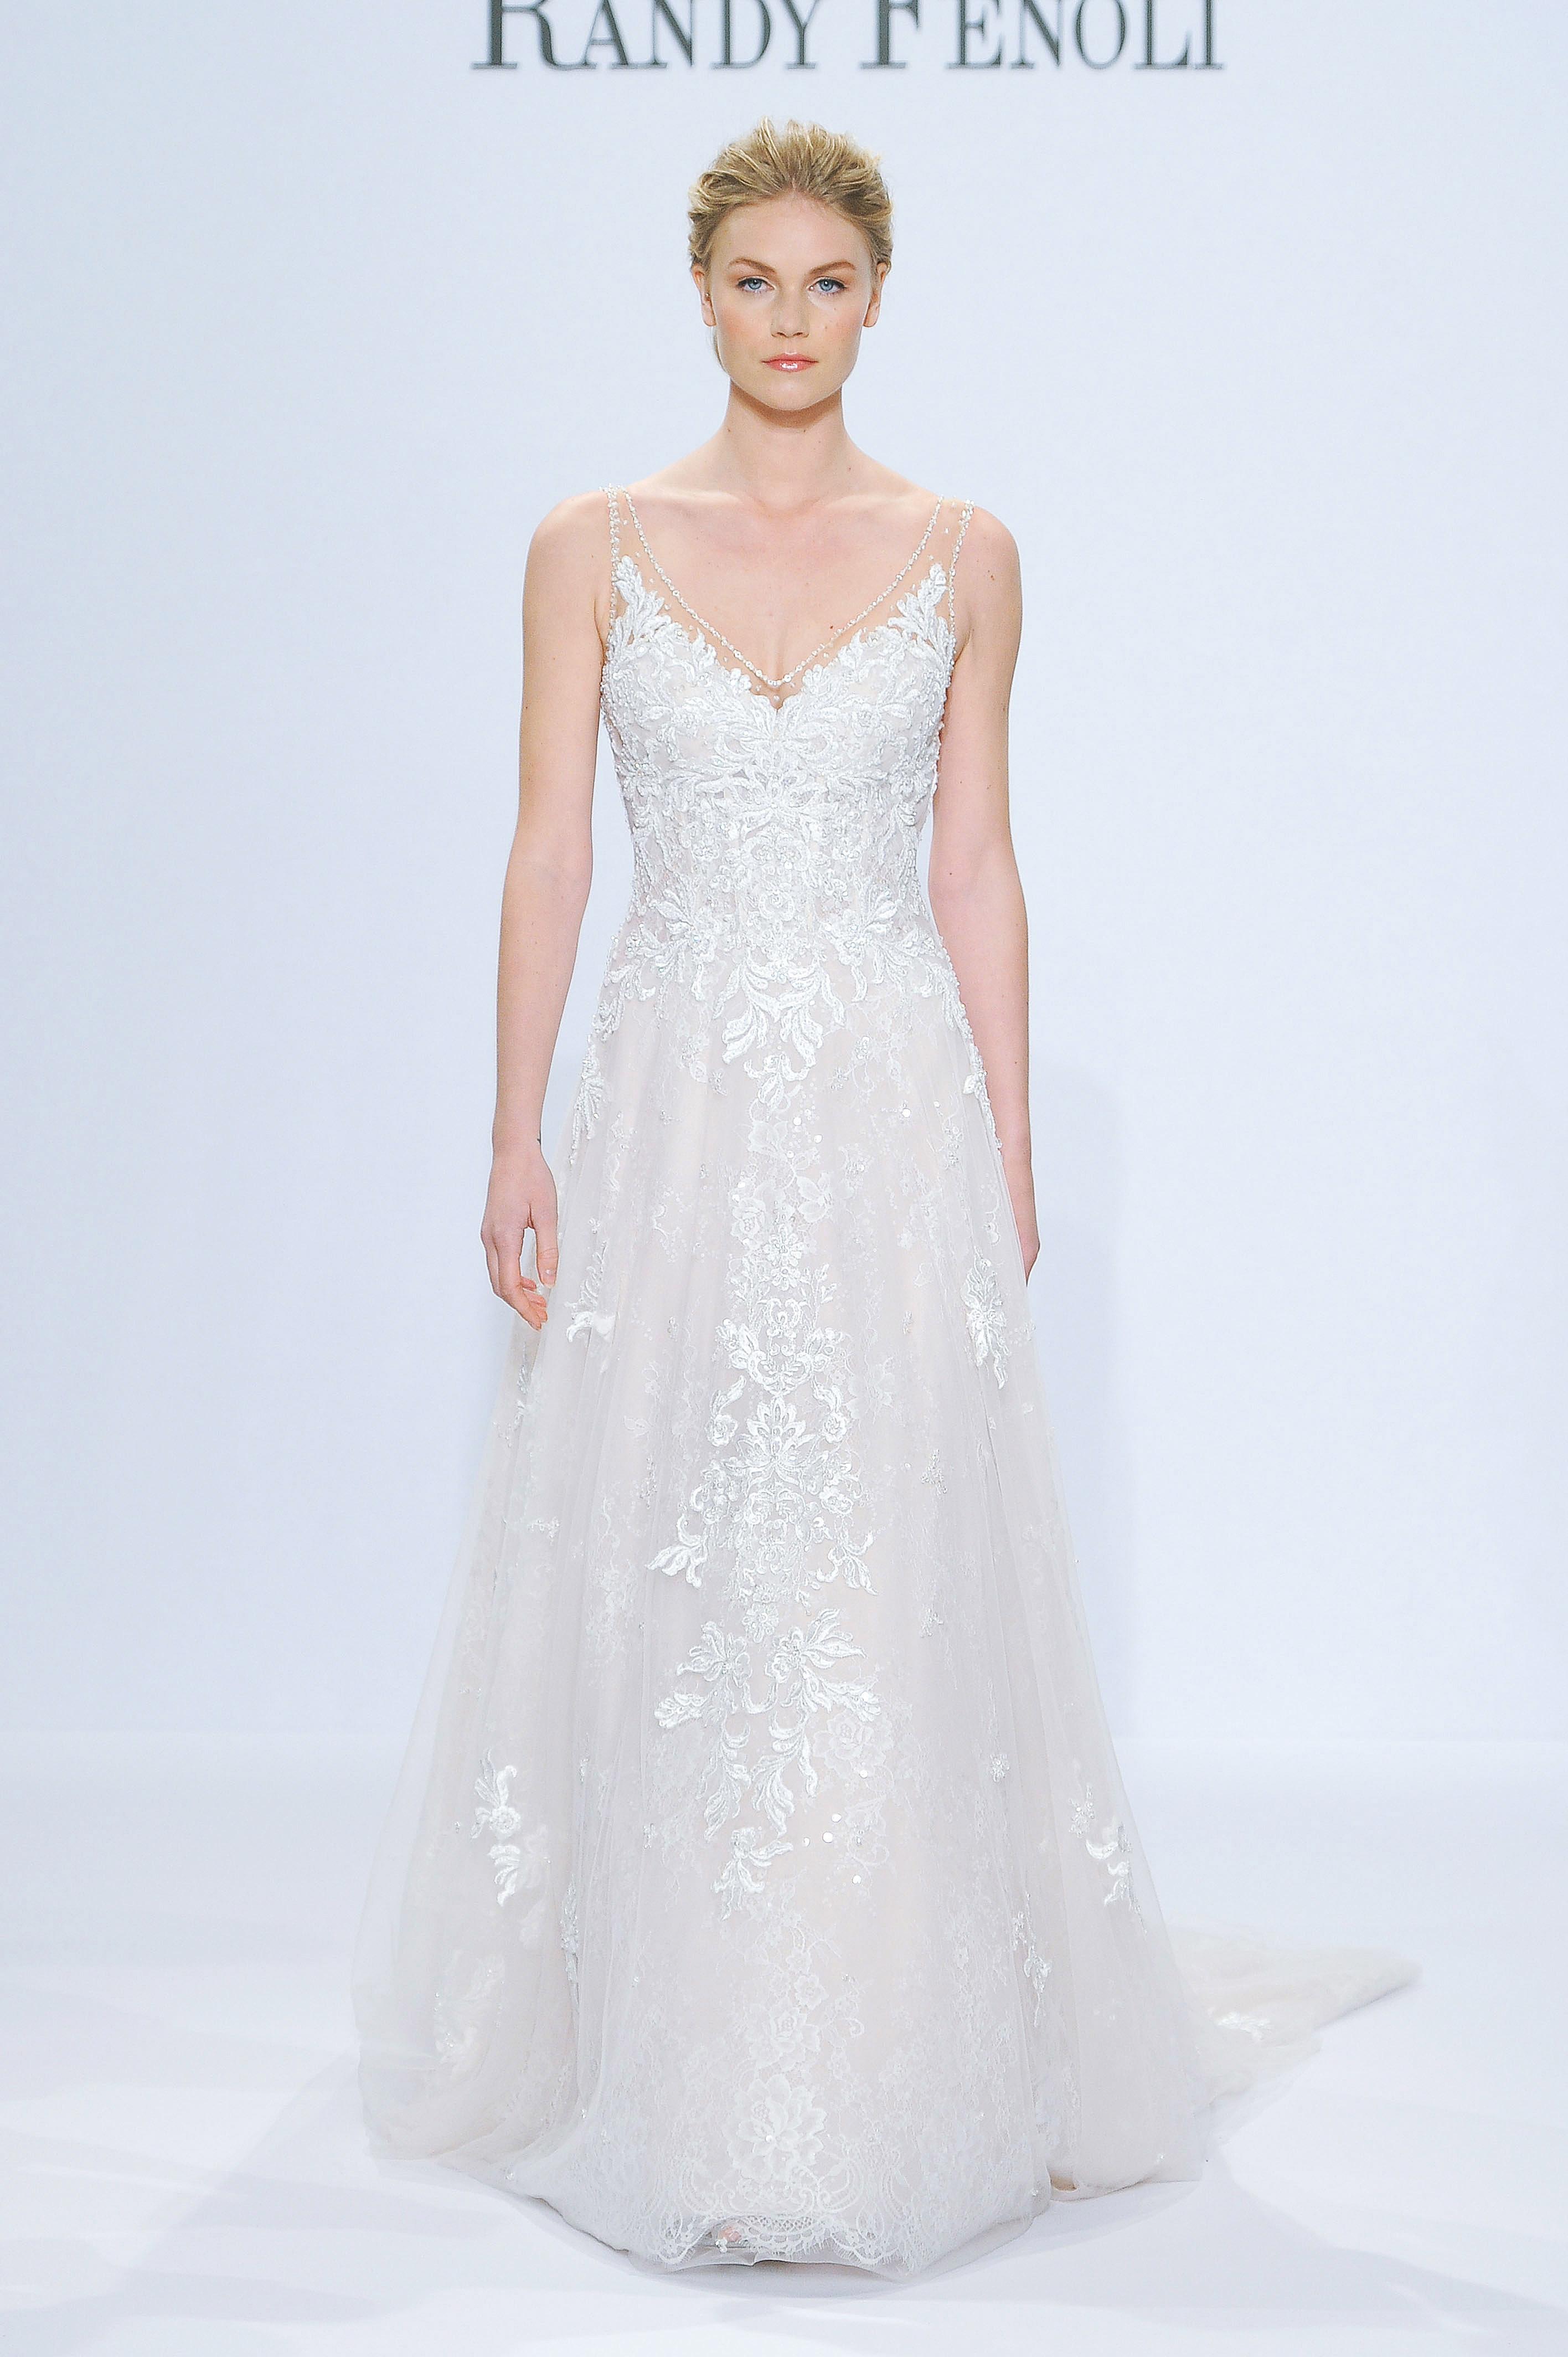 randy fenoli v-neck wedding dress spring 2018